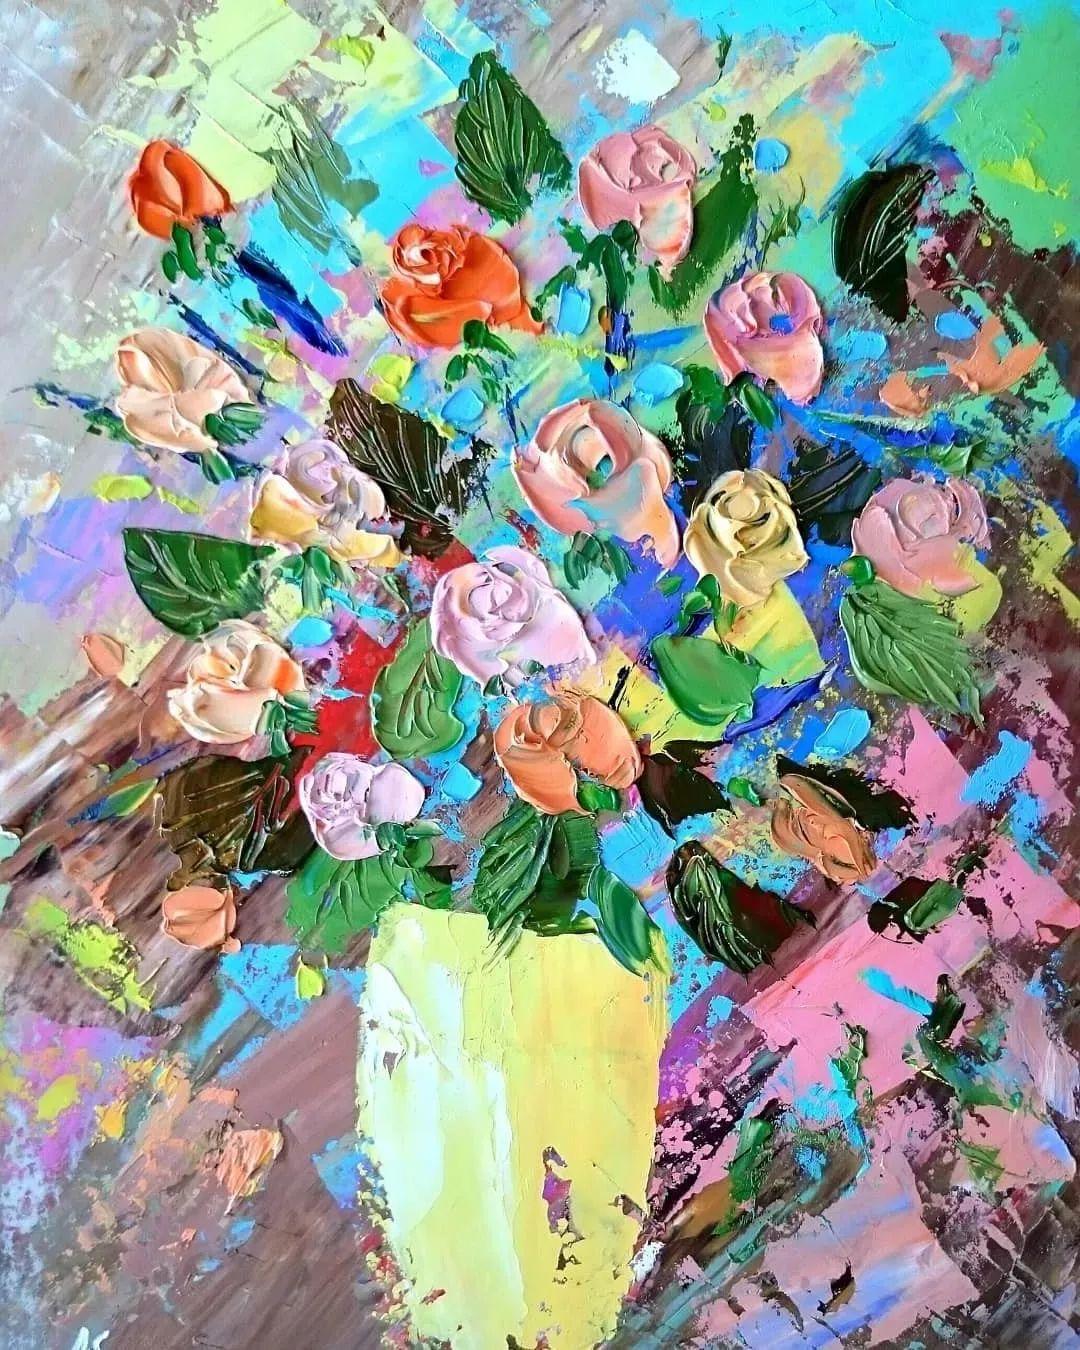 笔触大胆,用色干净利落,爱沙尼亚女画家Alena Shymchonak插图3